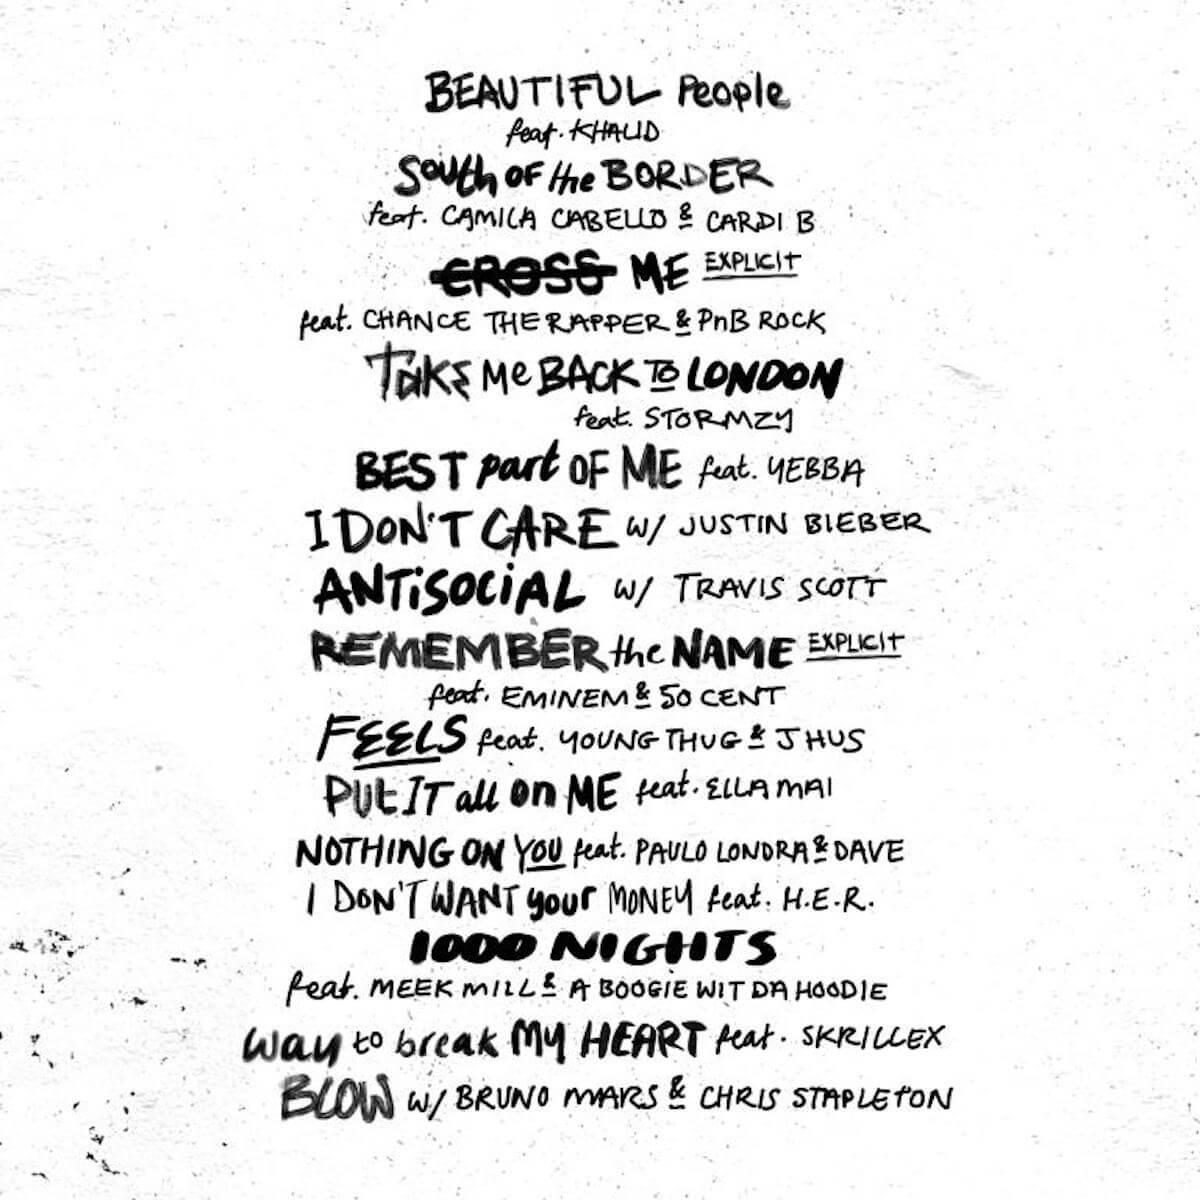 エド・シーランのコラボアルバムにカリード、トラヴィス・スコット、ストームジー、エミネムら超豪華アーティストが参加で話題 music190619_edsheeran_1